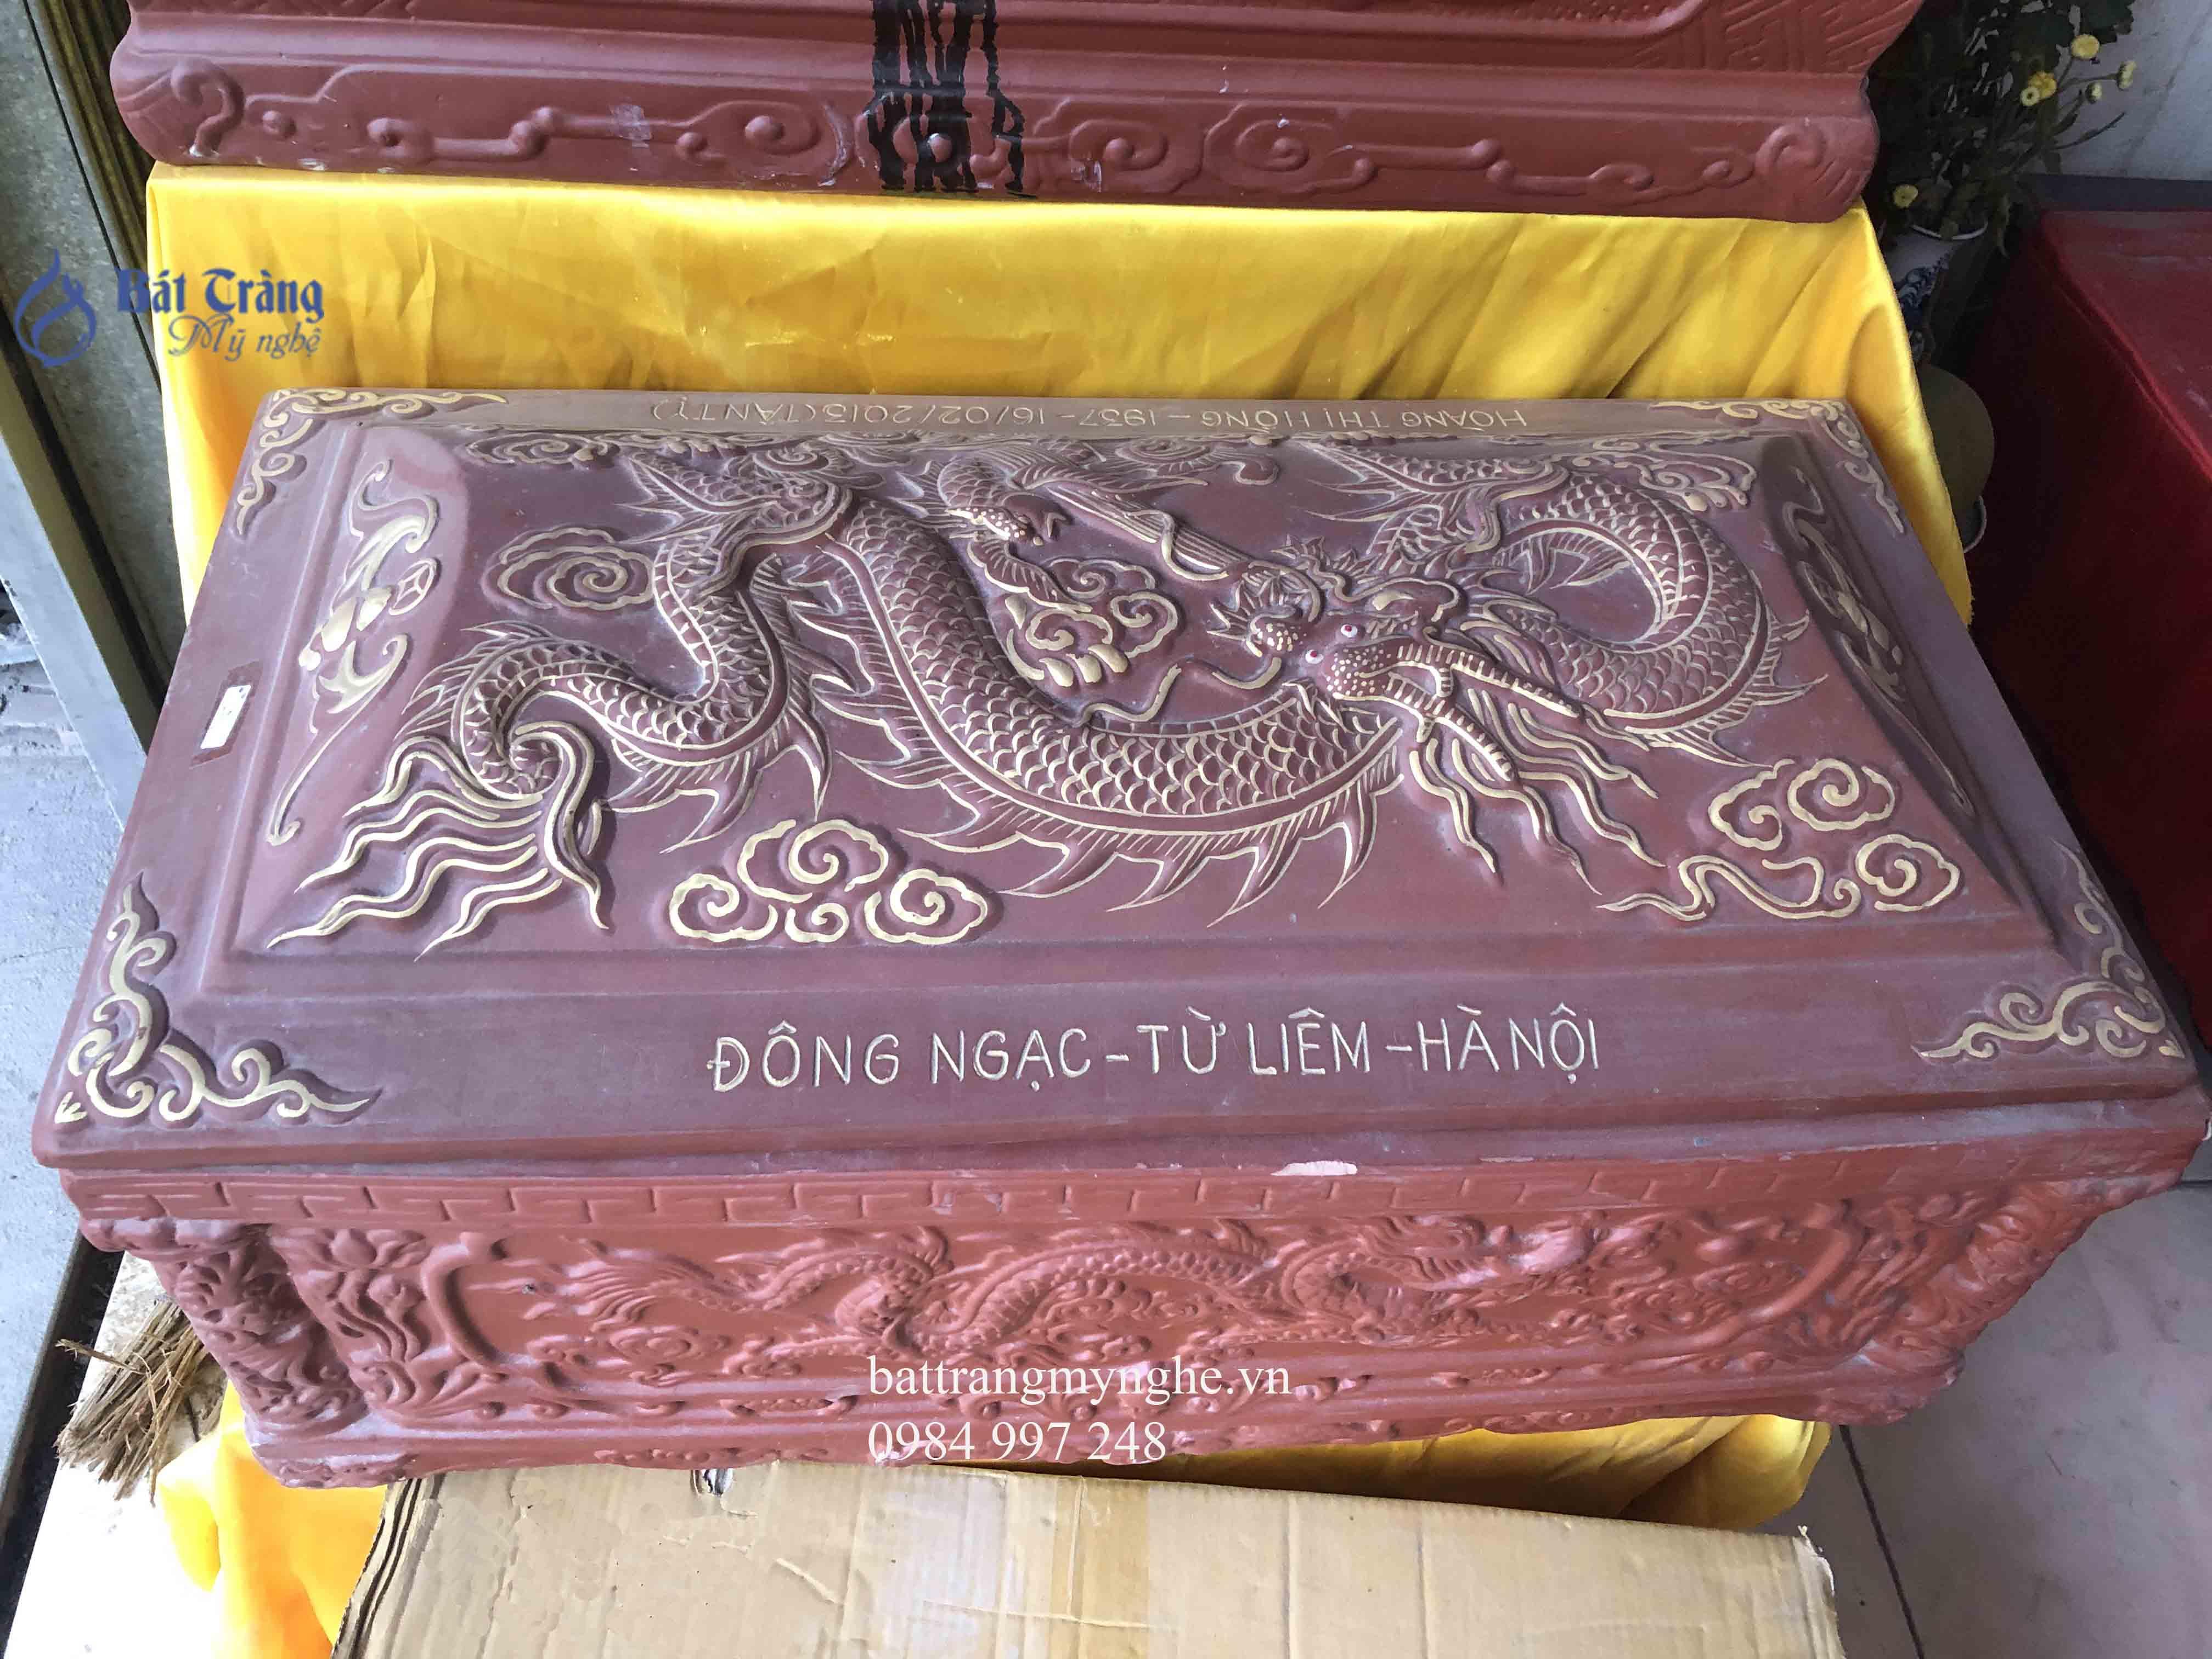 Quách tiểu sành mái bằng vẽ rồng vàng